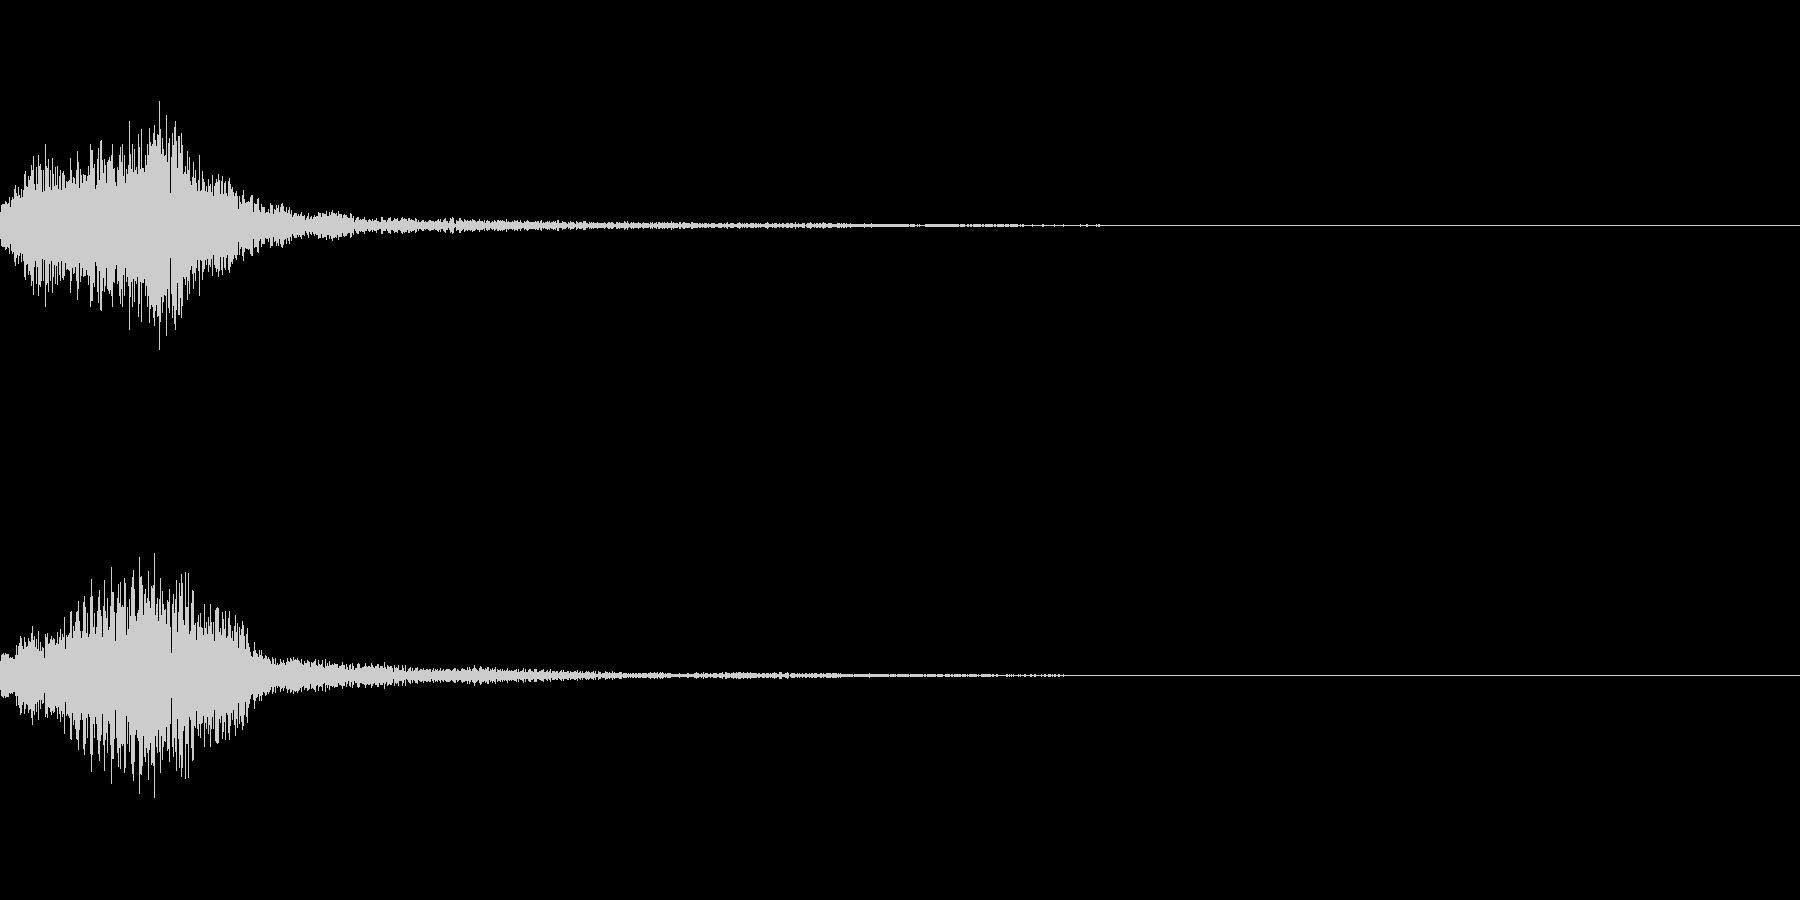 明るいサウンドロゴorRPGスタート音の未再生の波形